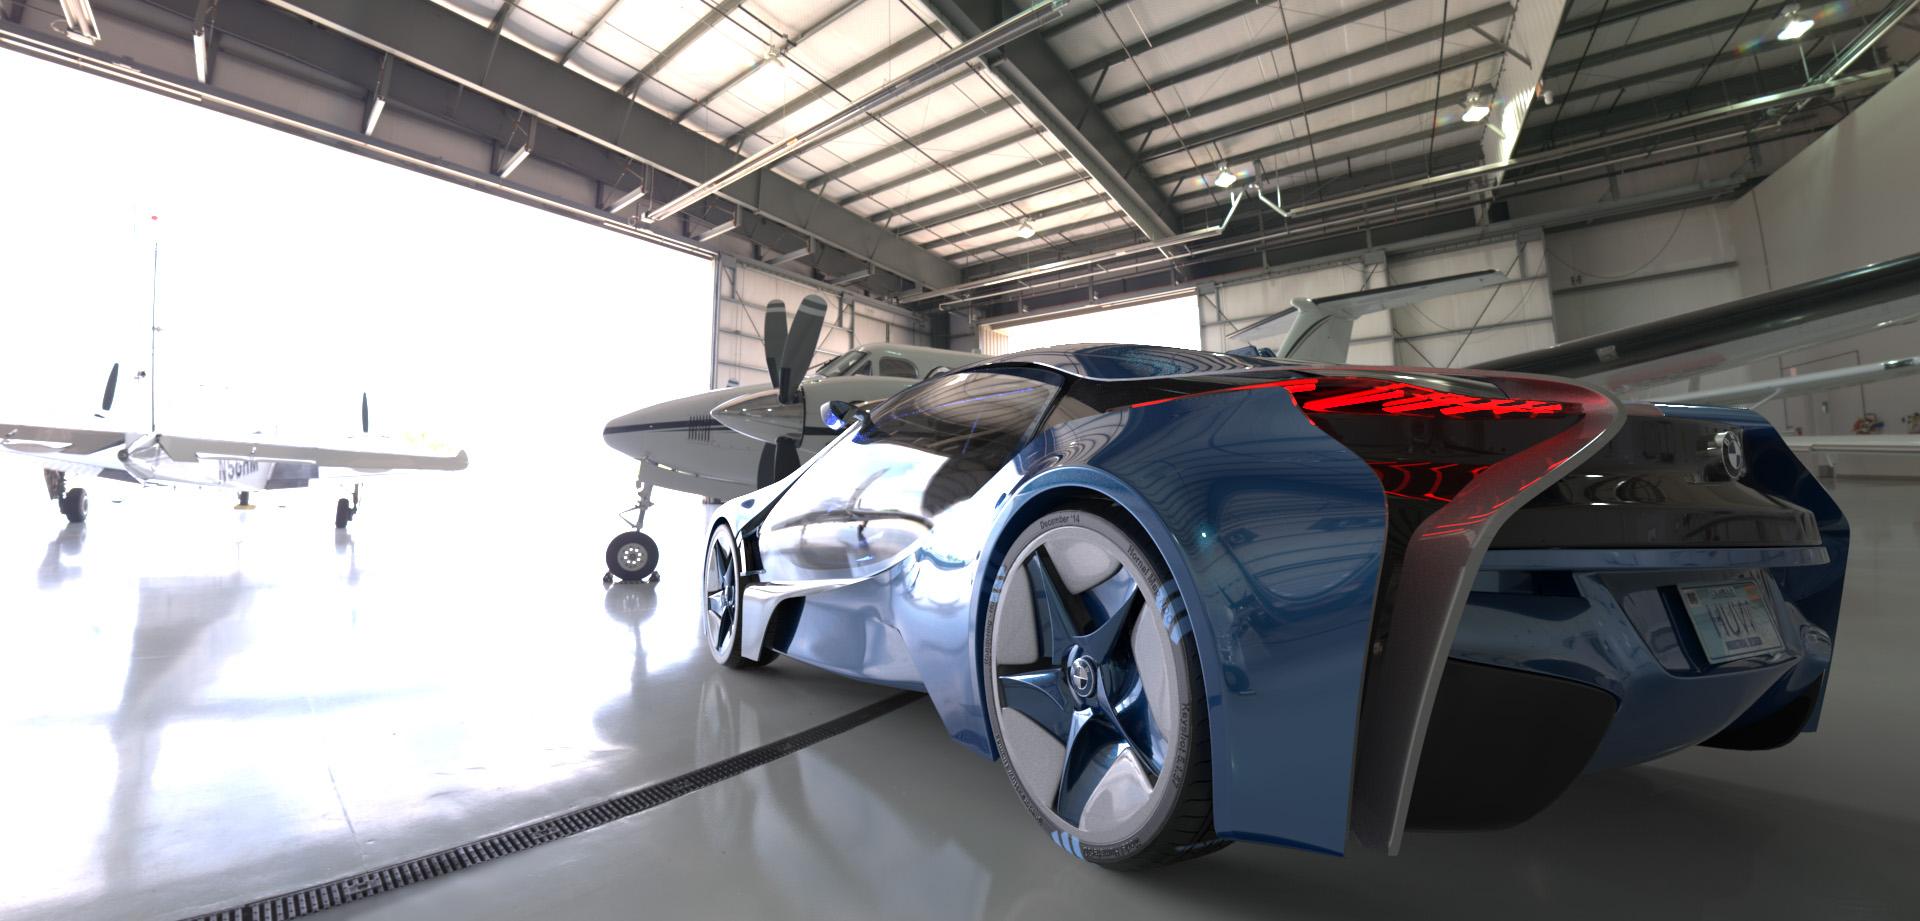 IBL_Rendering_BMW_i8_Hangar_THOMAS_Huw.jpg